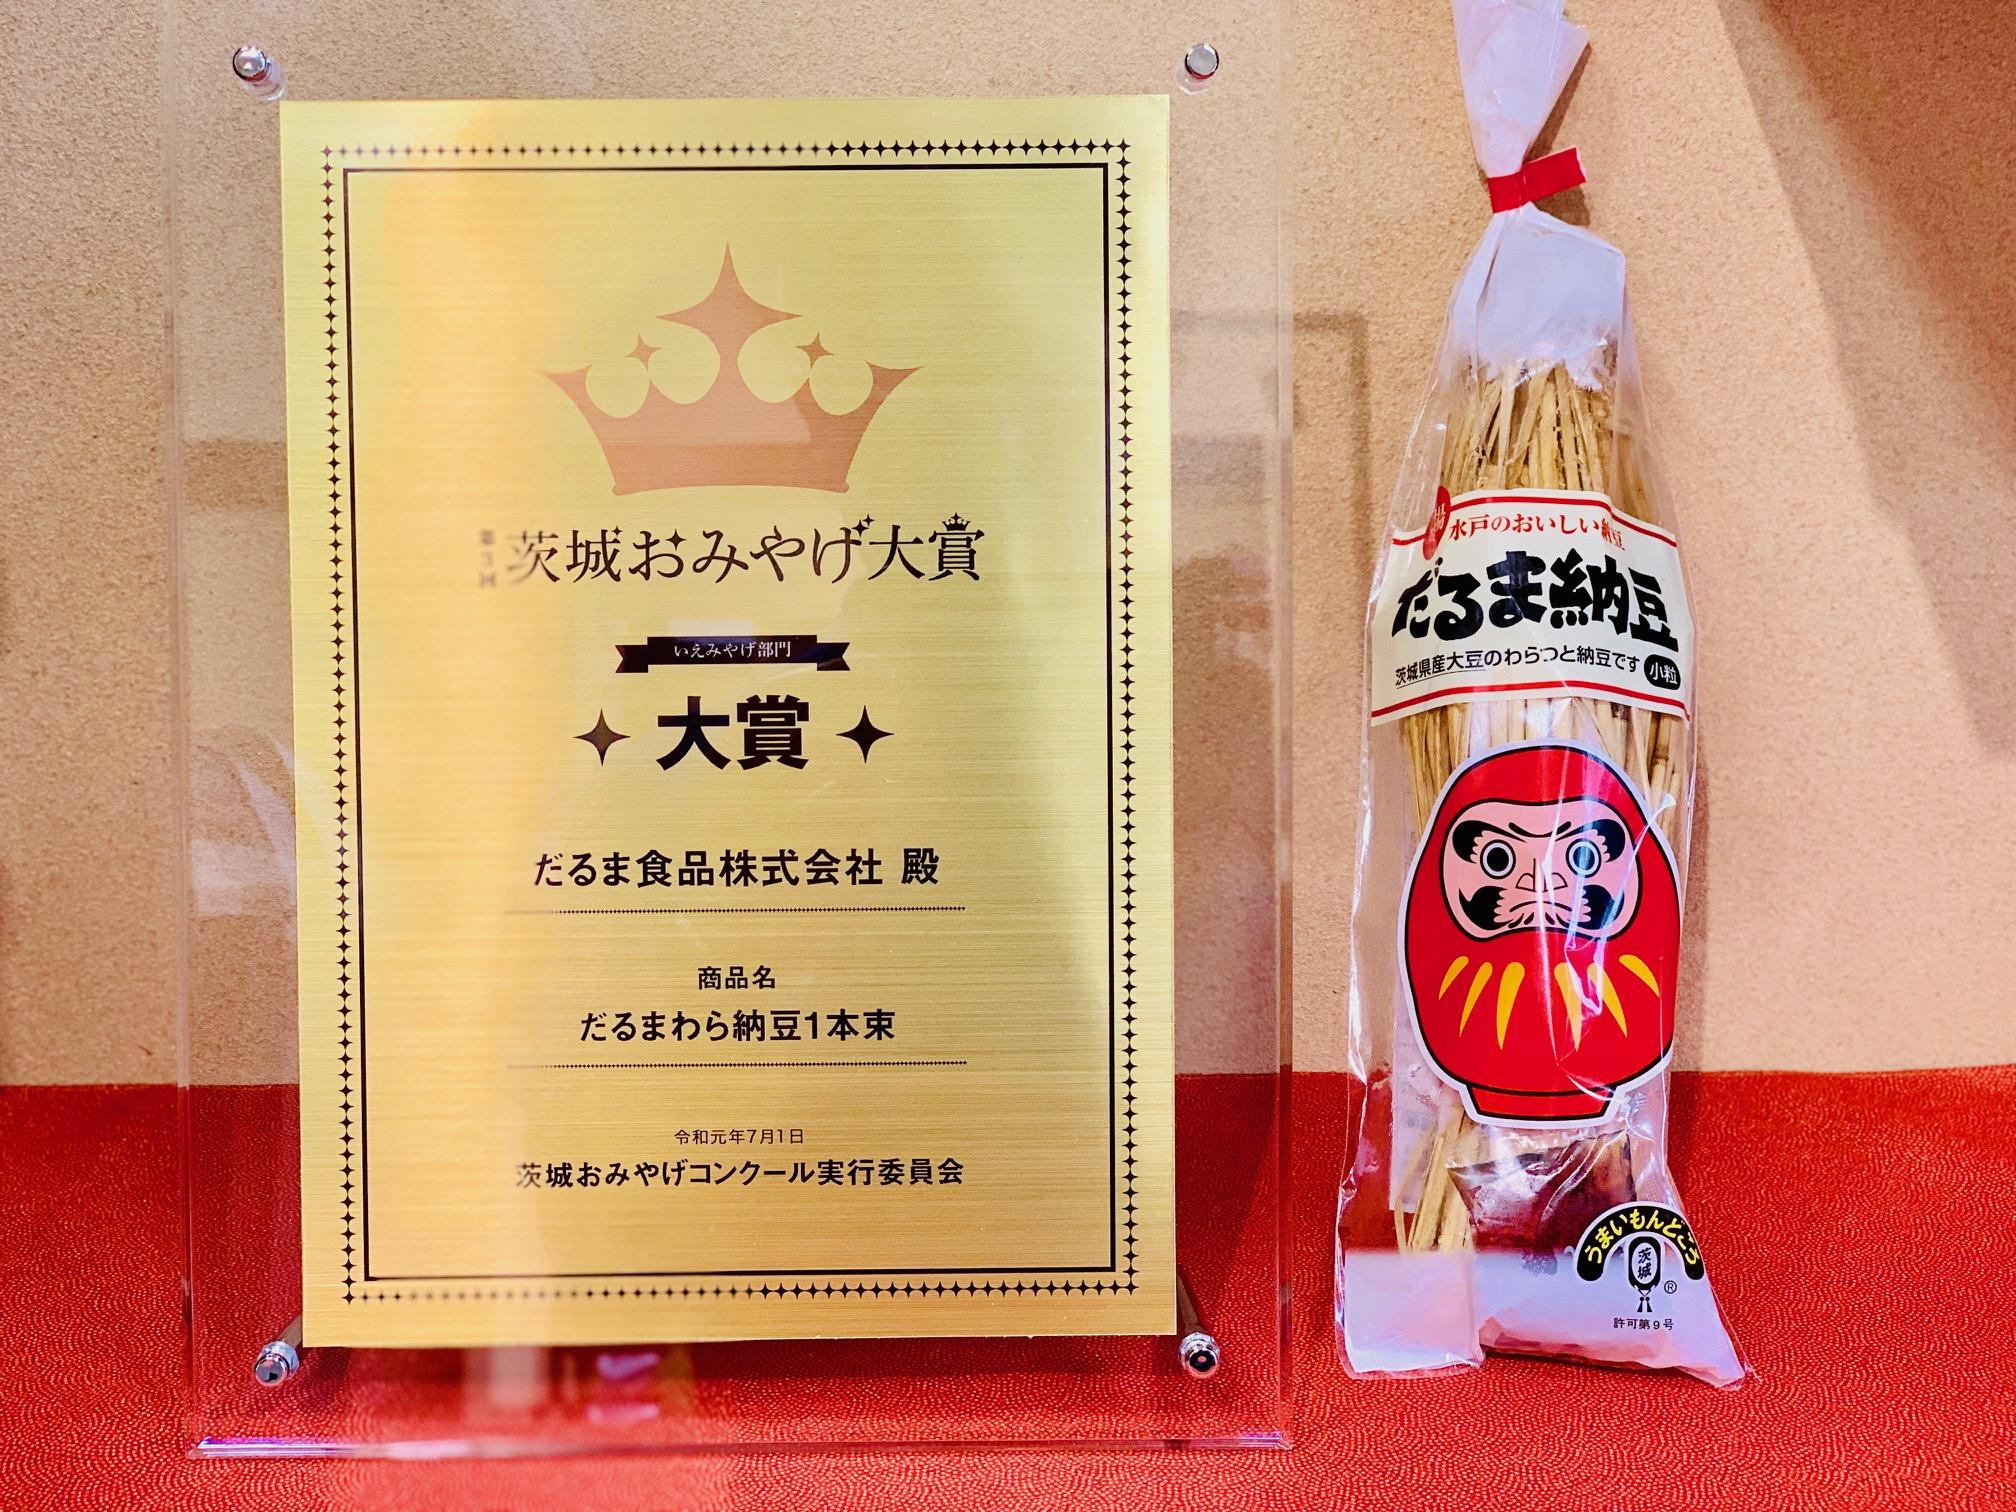 「第3回茨城おみやげ大賞」 大賞受賞